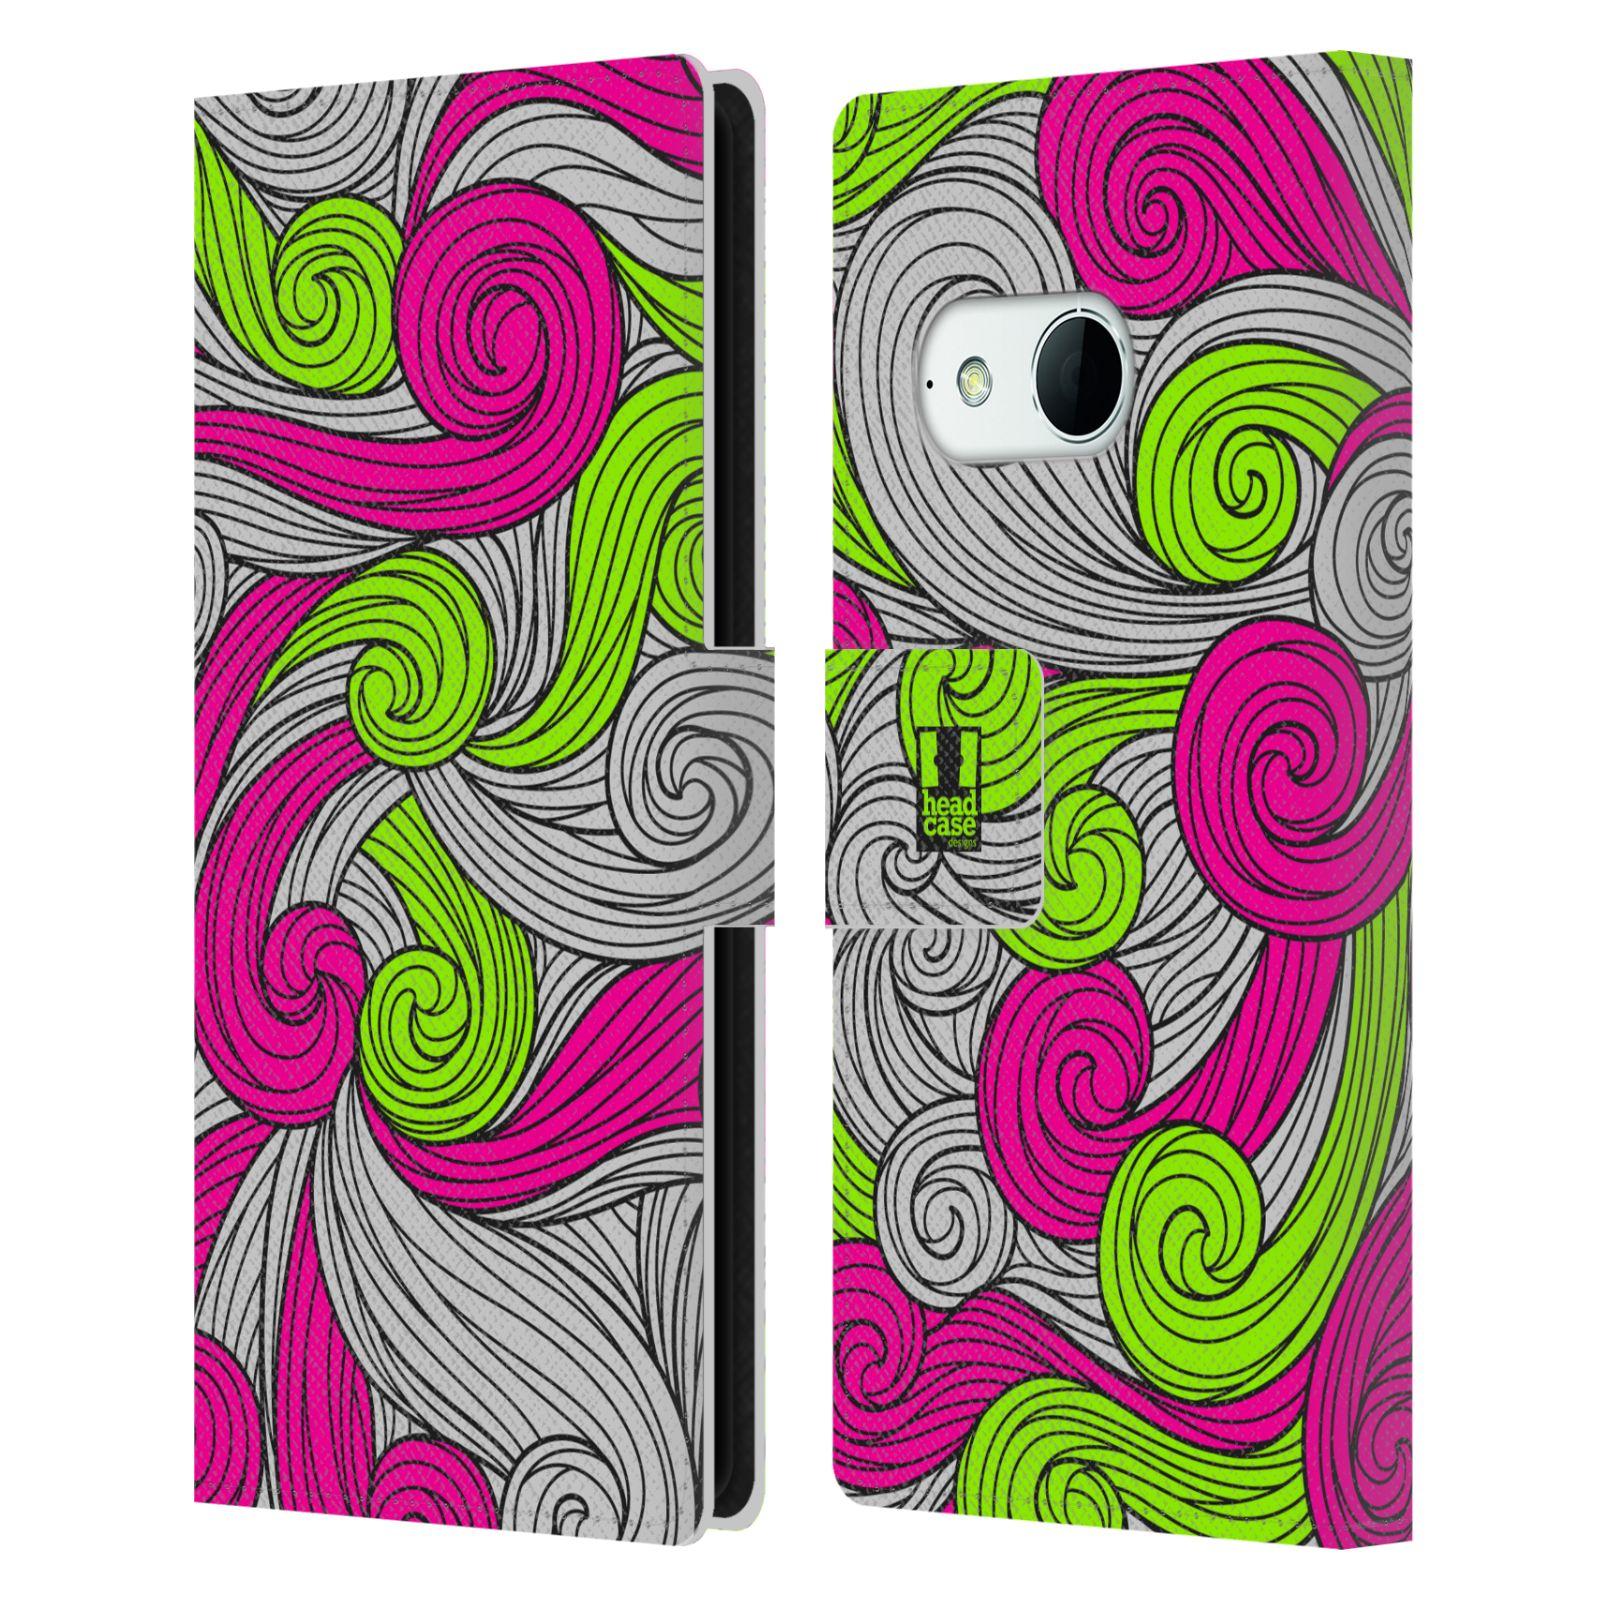 HEAD CASE Flipové pouzdro pro mobil HTC ONE MINI 2 (M8) barevné vlny zářivě růžová a zelená